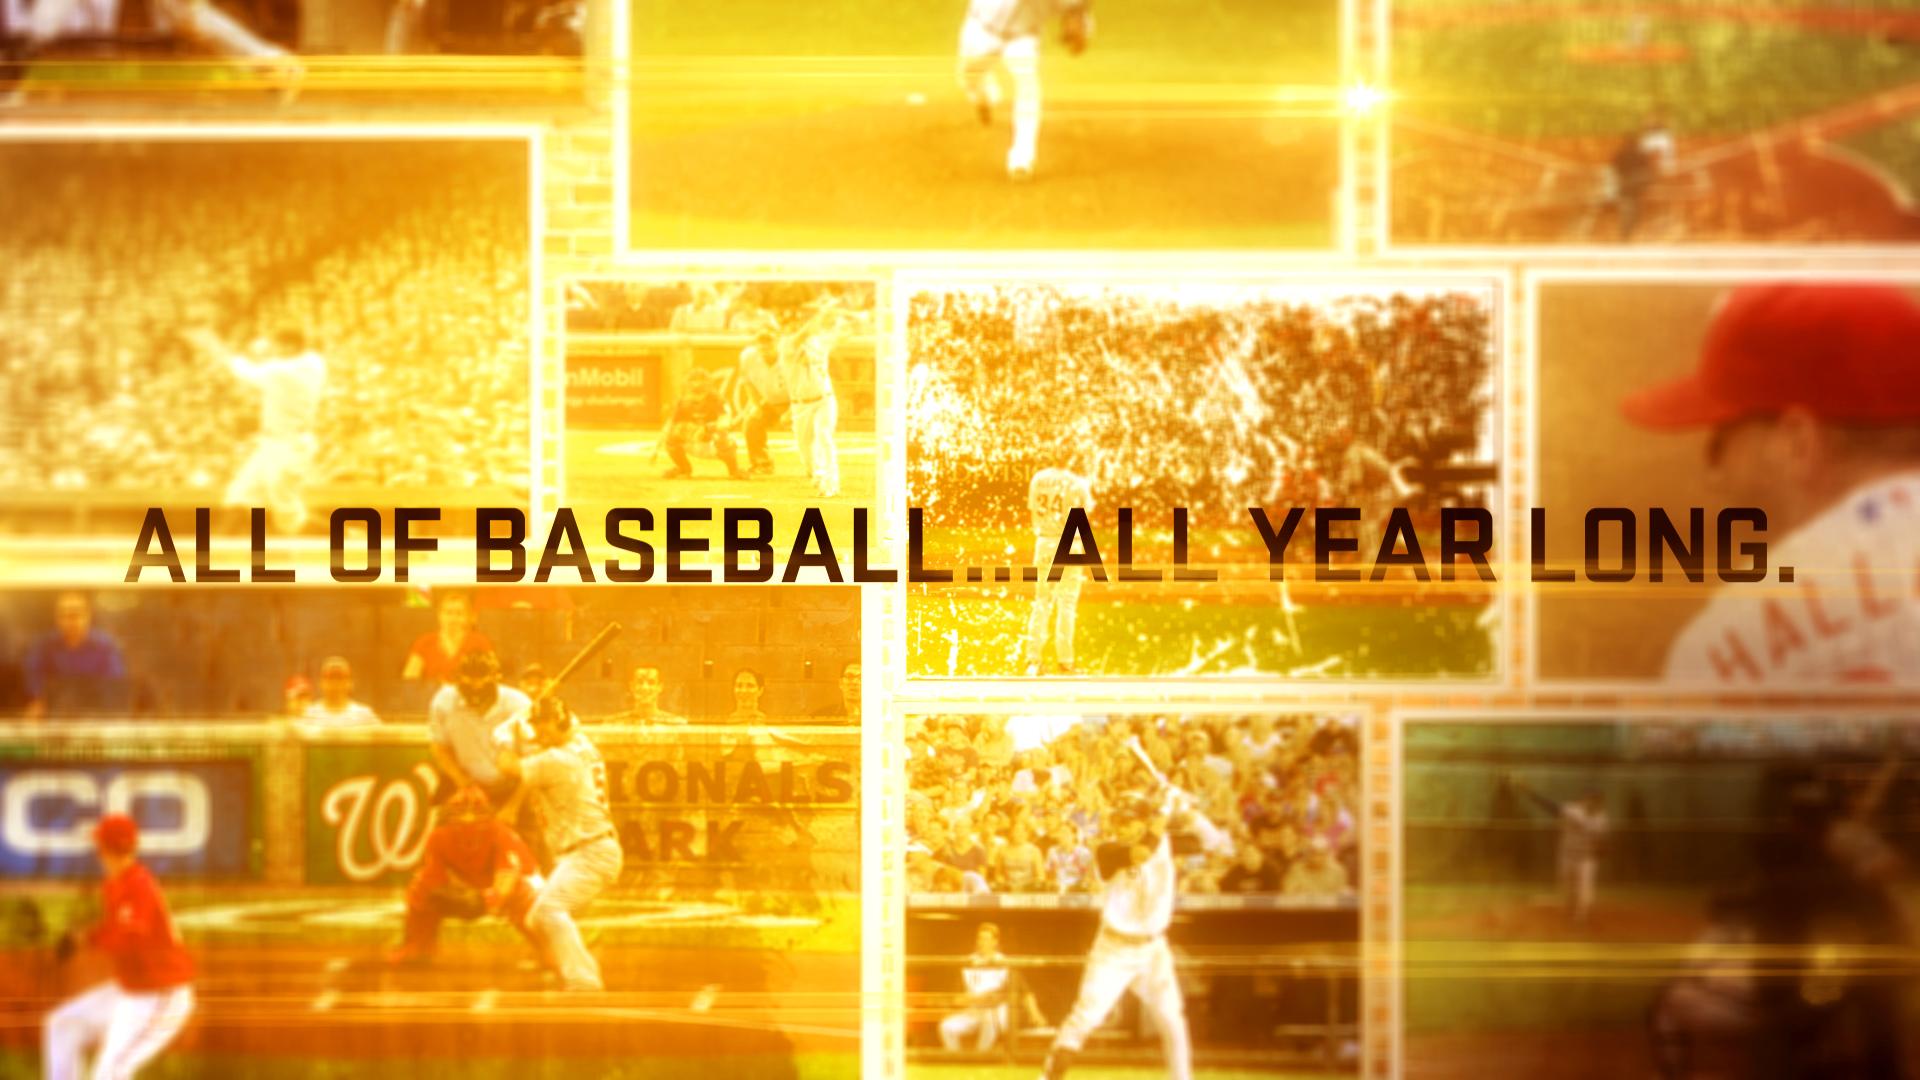 MLB_WDTG_Frame_12_01.jpg